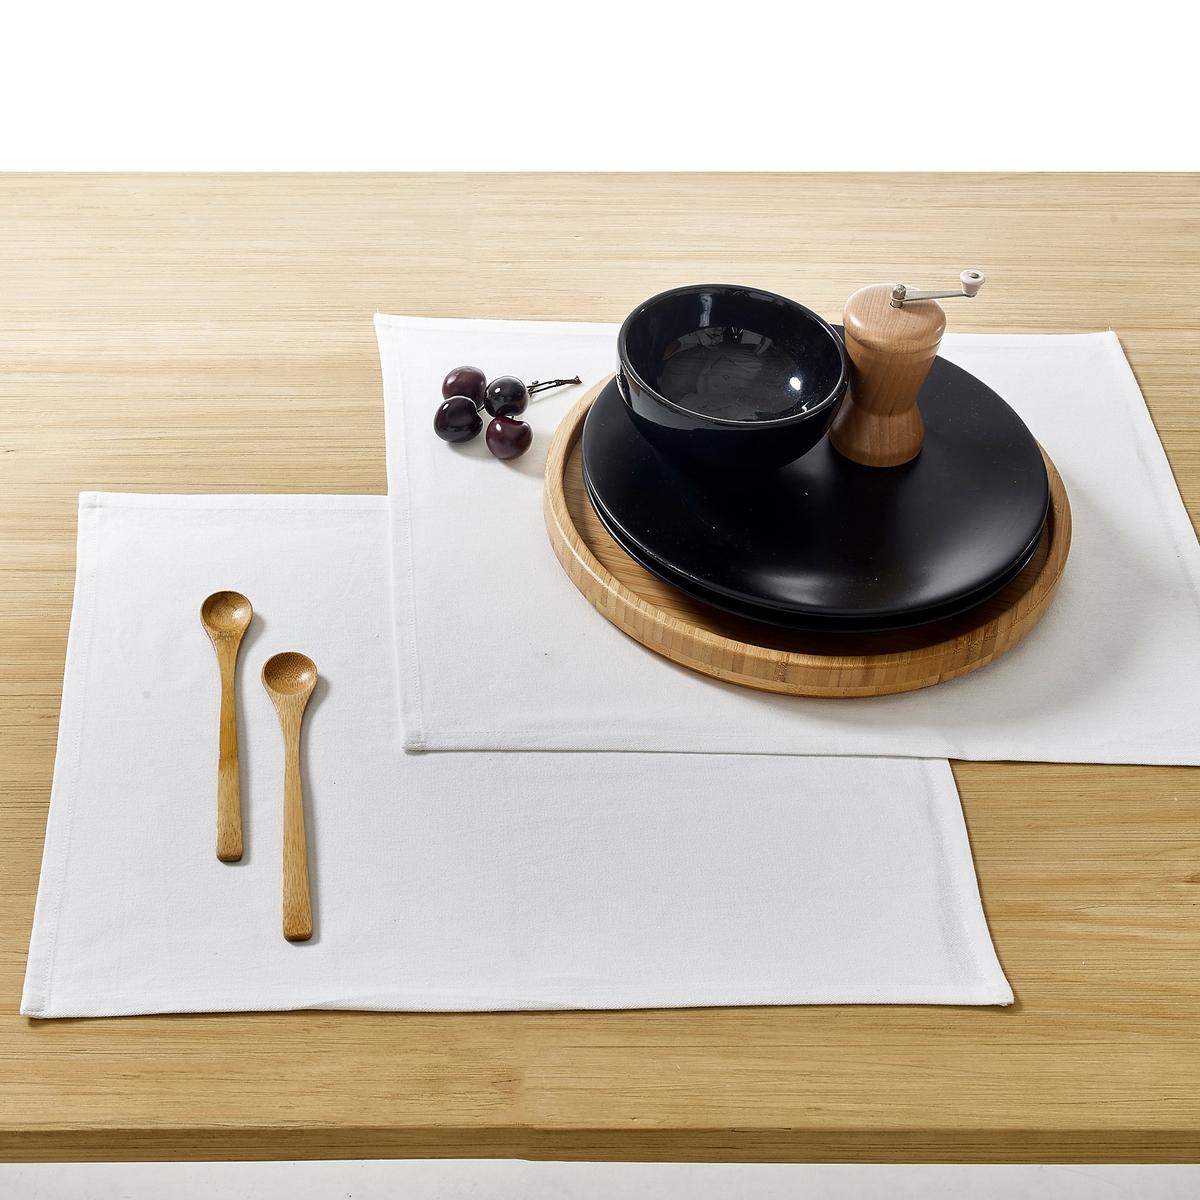 Комплект из 4 салфеток под столовый прибор, с обработкой против пятенКомплект из 4 салфеток из чистого хлопка под столовый прибор SCENARIO для особого стиля на столе.Описание 4 салфеток под столовый прибор SCENARIO :Комплект из 4 салфеток под столовый прибор, с водооталкивающей обработкой  против пятен.   Размеры 4 салфеток на стол SCENARIO :Прямоугольная форма  35 x 45 cмУход: :Машинная стирка при 40 °CПродаются комплектом из 4 штЗнак Oeko-Tex® гарантирует отсутствие вредных для здоровья человека веществ в протестированных и сертифицированных изделиях.Чистый хлопок упрощает уходВсю коллекцию SCENARIO можно найти на la redoute.fr<br><br>Цвет: белый,бледный сине-зеленый,бордовый,желтый,красный,розовая пудра,светло-серый,серо-бежевый,серо-коричневый каштан,Серо-синий,серый,сине-зеленый,синий прусский,сливовый,терракота